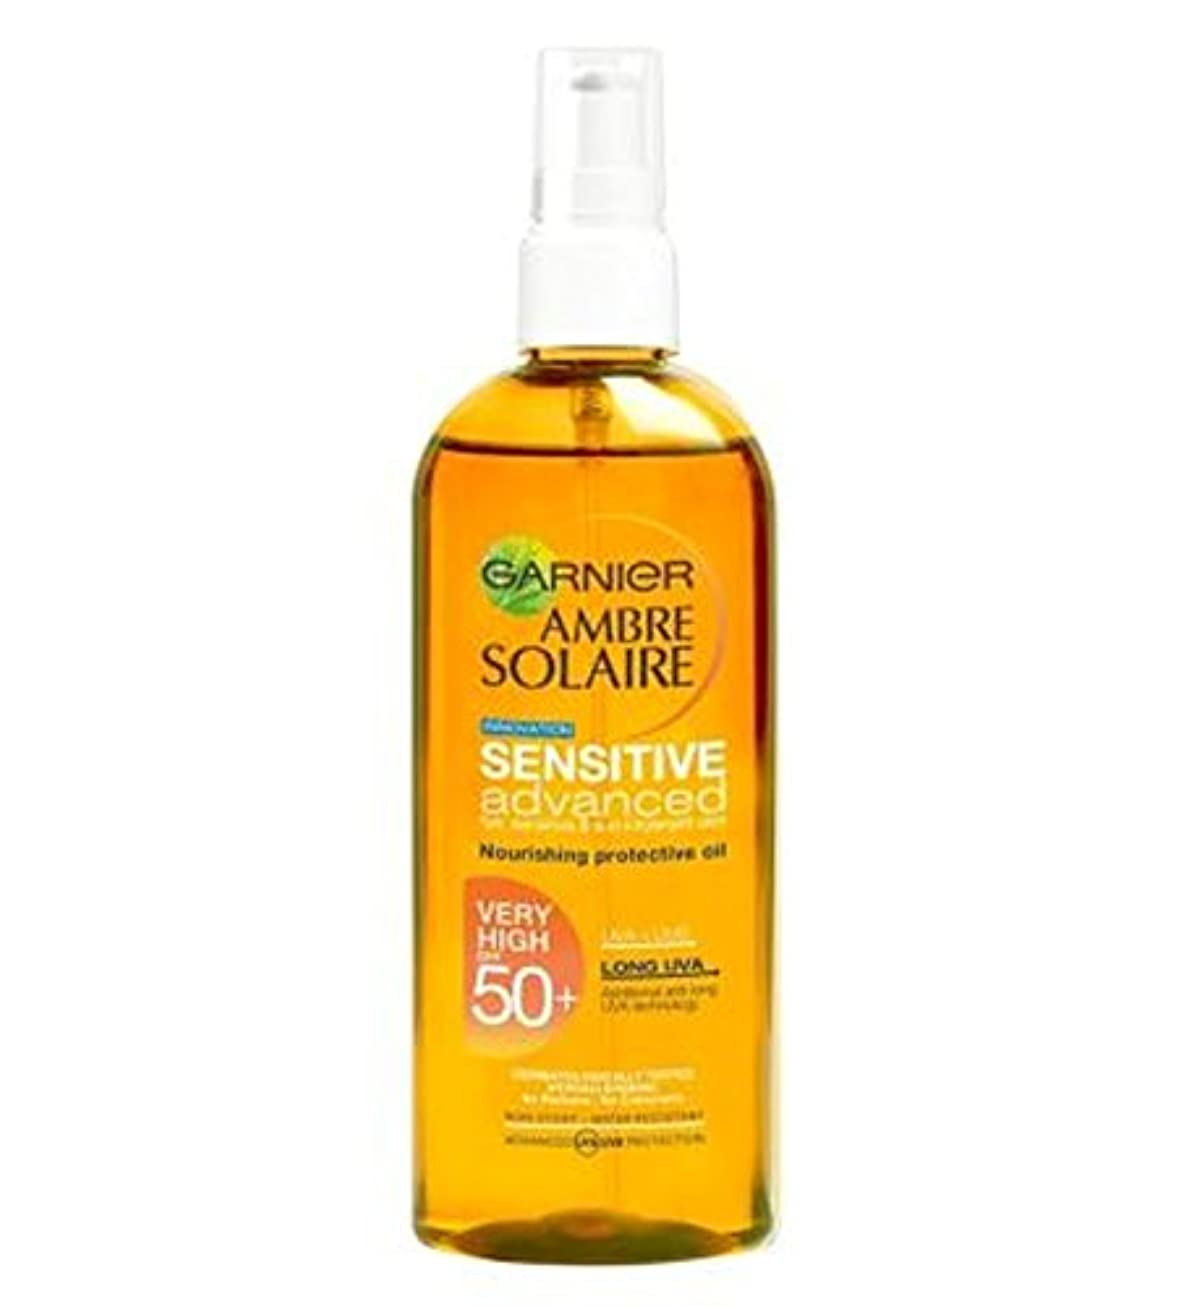 水を飲む嵐最もGarnier Ambre Solaire Sensitive Advanced Sun Protection Nourishing Protection Oil SPF50 150ml - 保護オイルSpf50の150ミリリットル栄養ガルニエアンブレSolaire敏感な高度なサンプロテクション (Garnier) [並行輸入品]